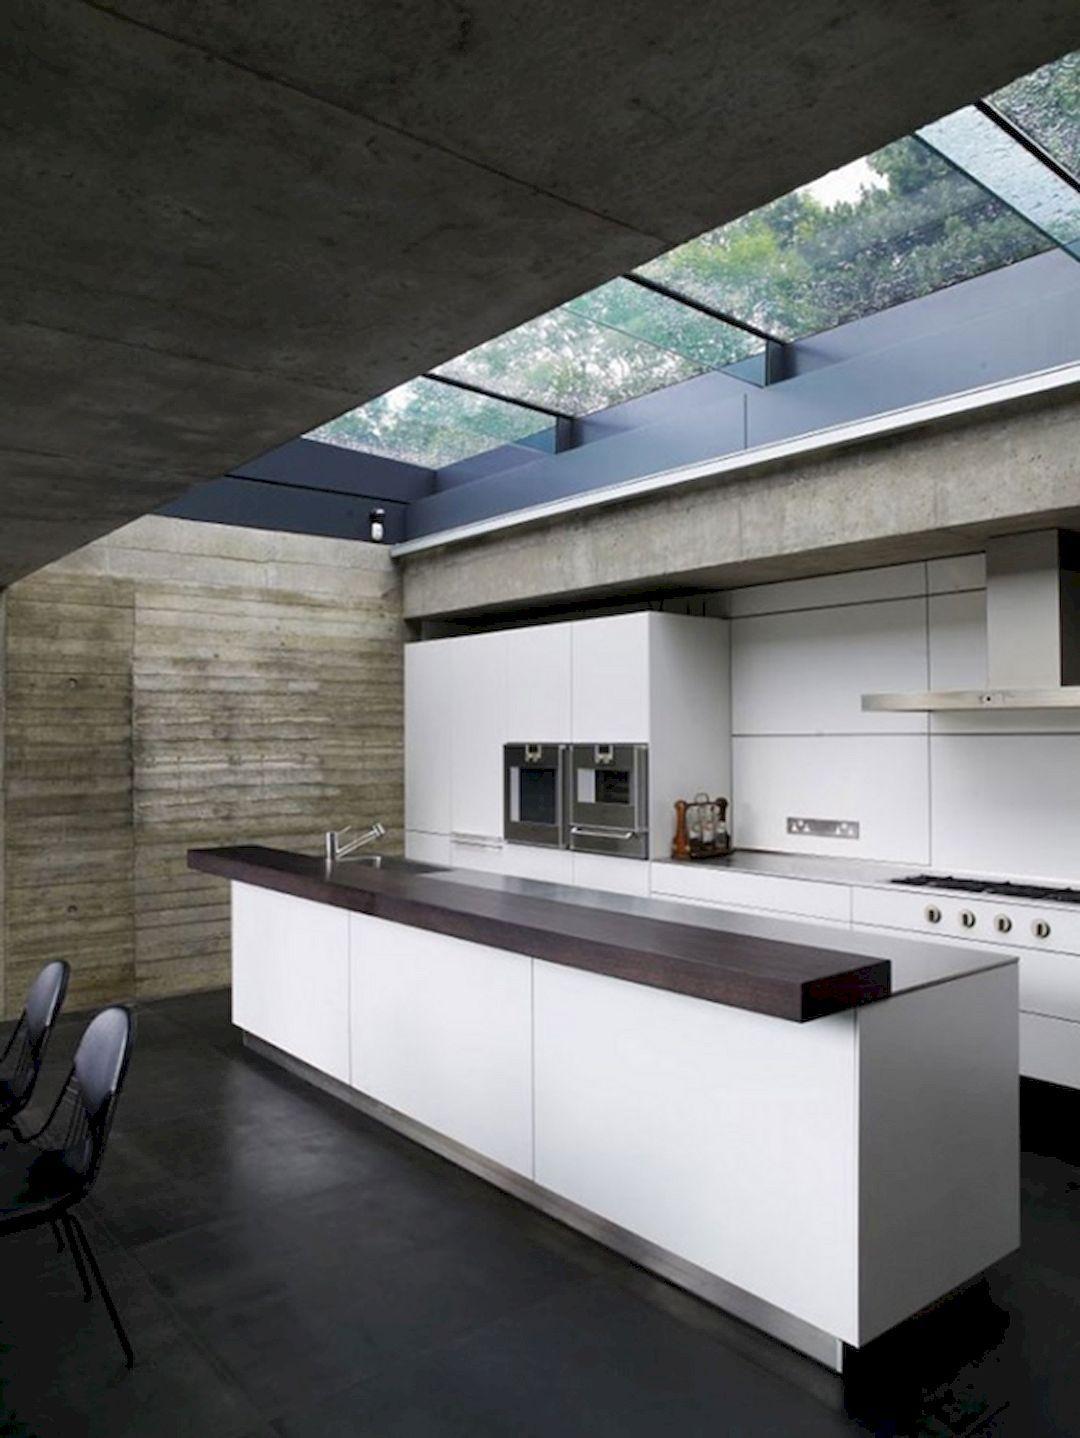 Exceptionnel Best Kitchen Remodeling Ideas: 110 Modern Design Photos  Https://www.futuristarchitecture.com/17629 Kitchen Remodeling Ideas.html